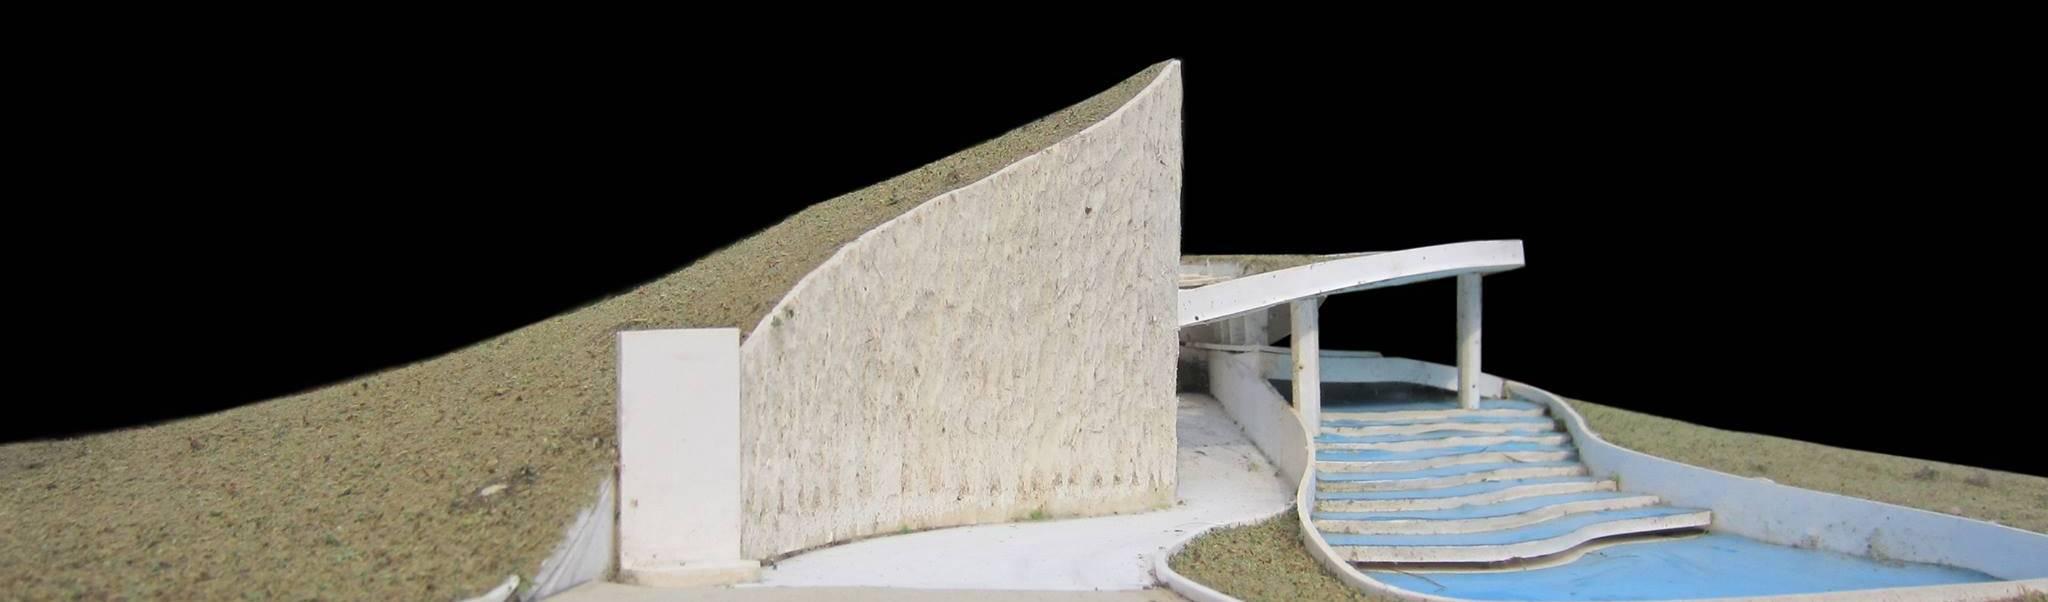 Dol + Architects